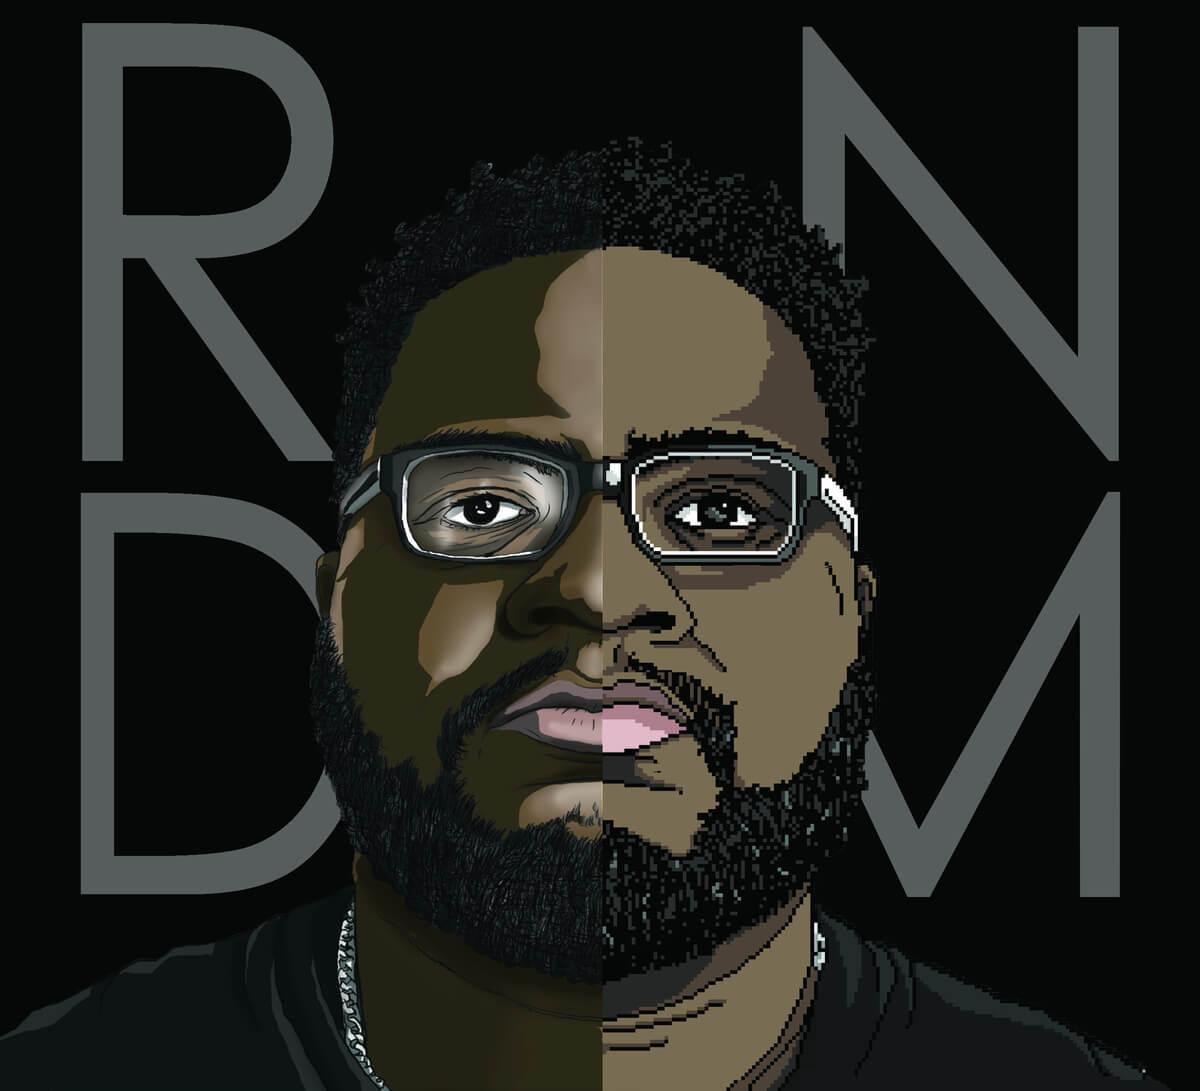 random-mega-ran-rndm-video-game-hip-hop-2015